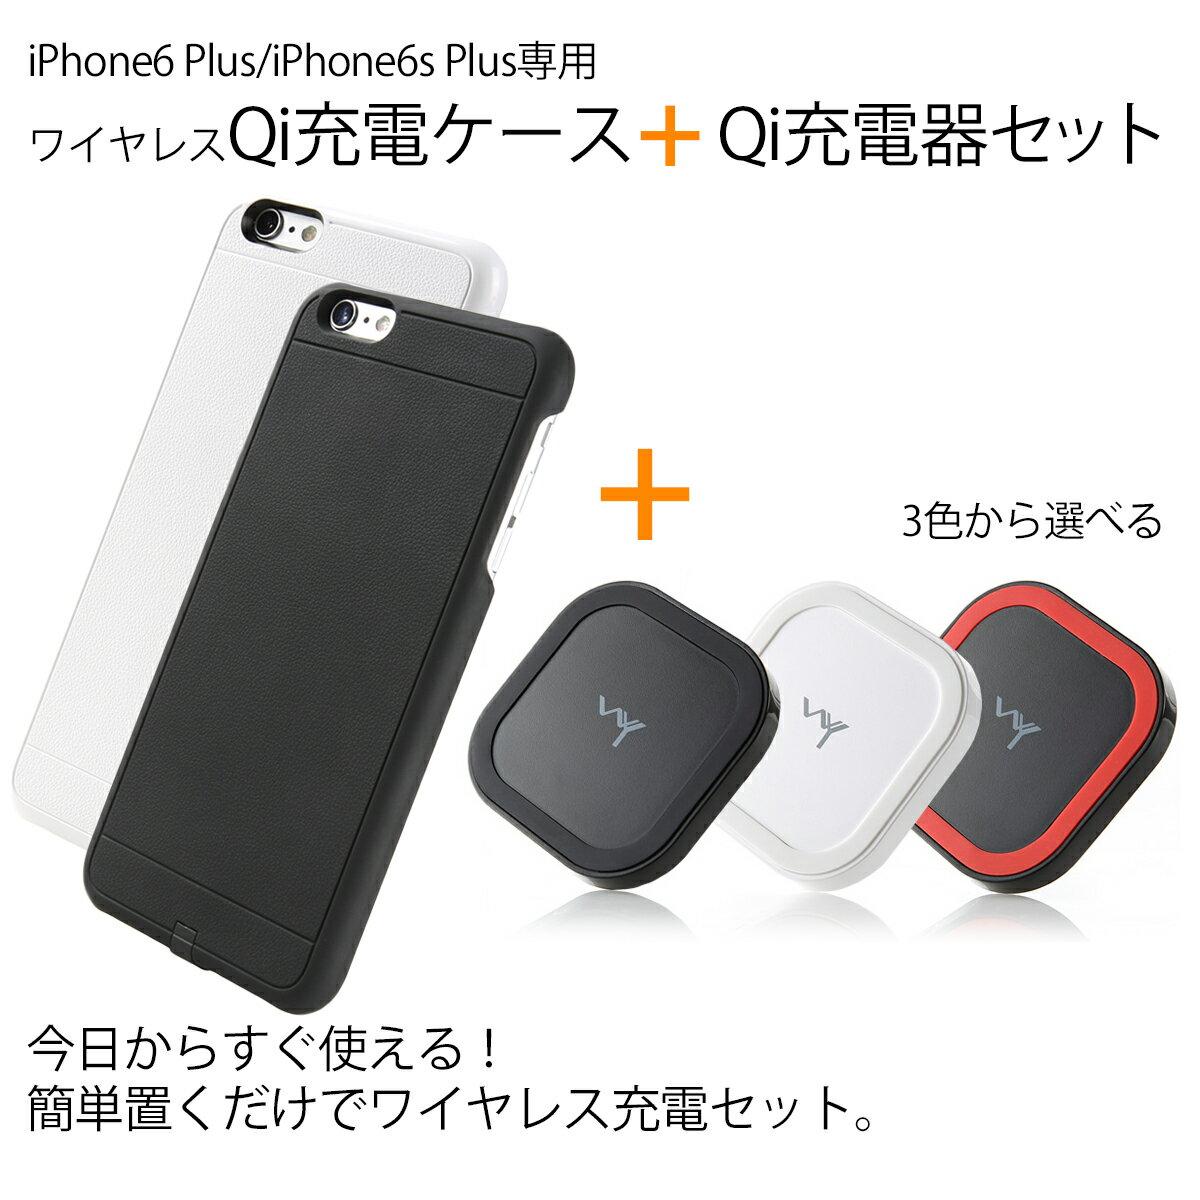 [セット商品]iPhone 6 Plus/iPhone 6s Plus専用Qiワイヤレス充電ケース × Qiワイヤレス充電器 アイフォンが軽量スリムのまま チャージングレシーバー iPhoneも置くだけ充電できる WY